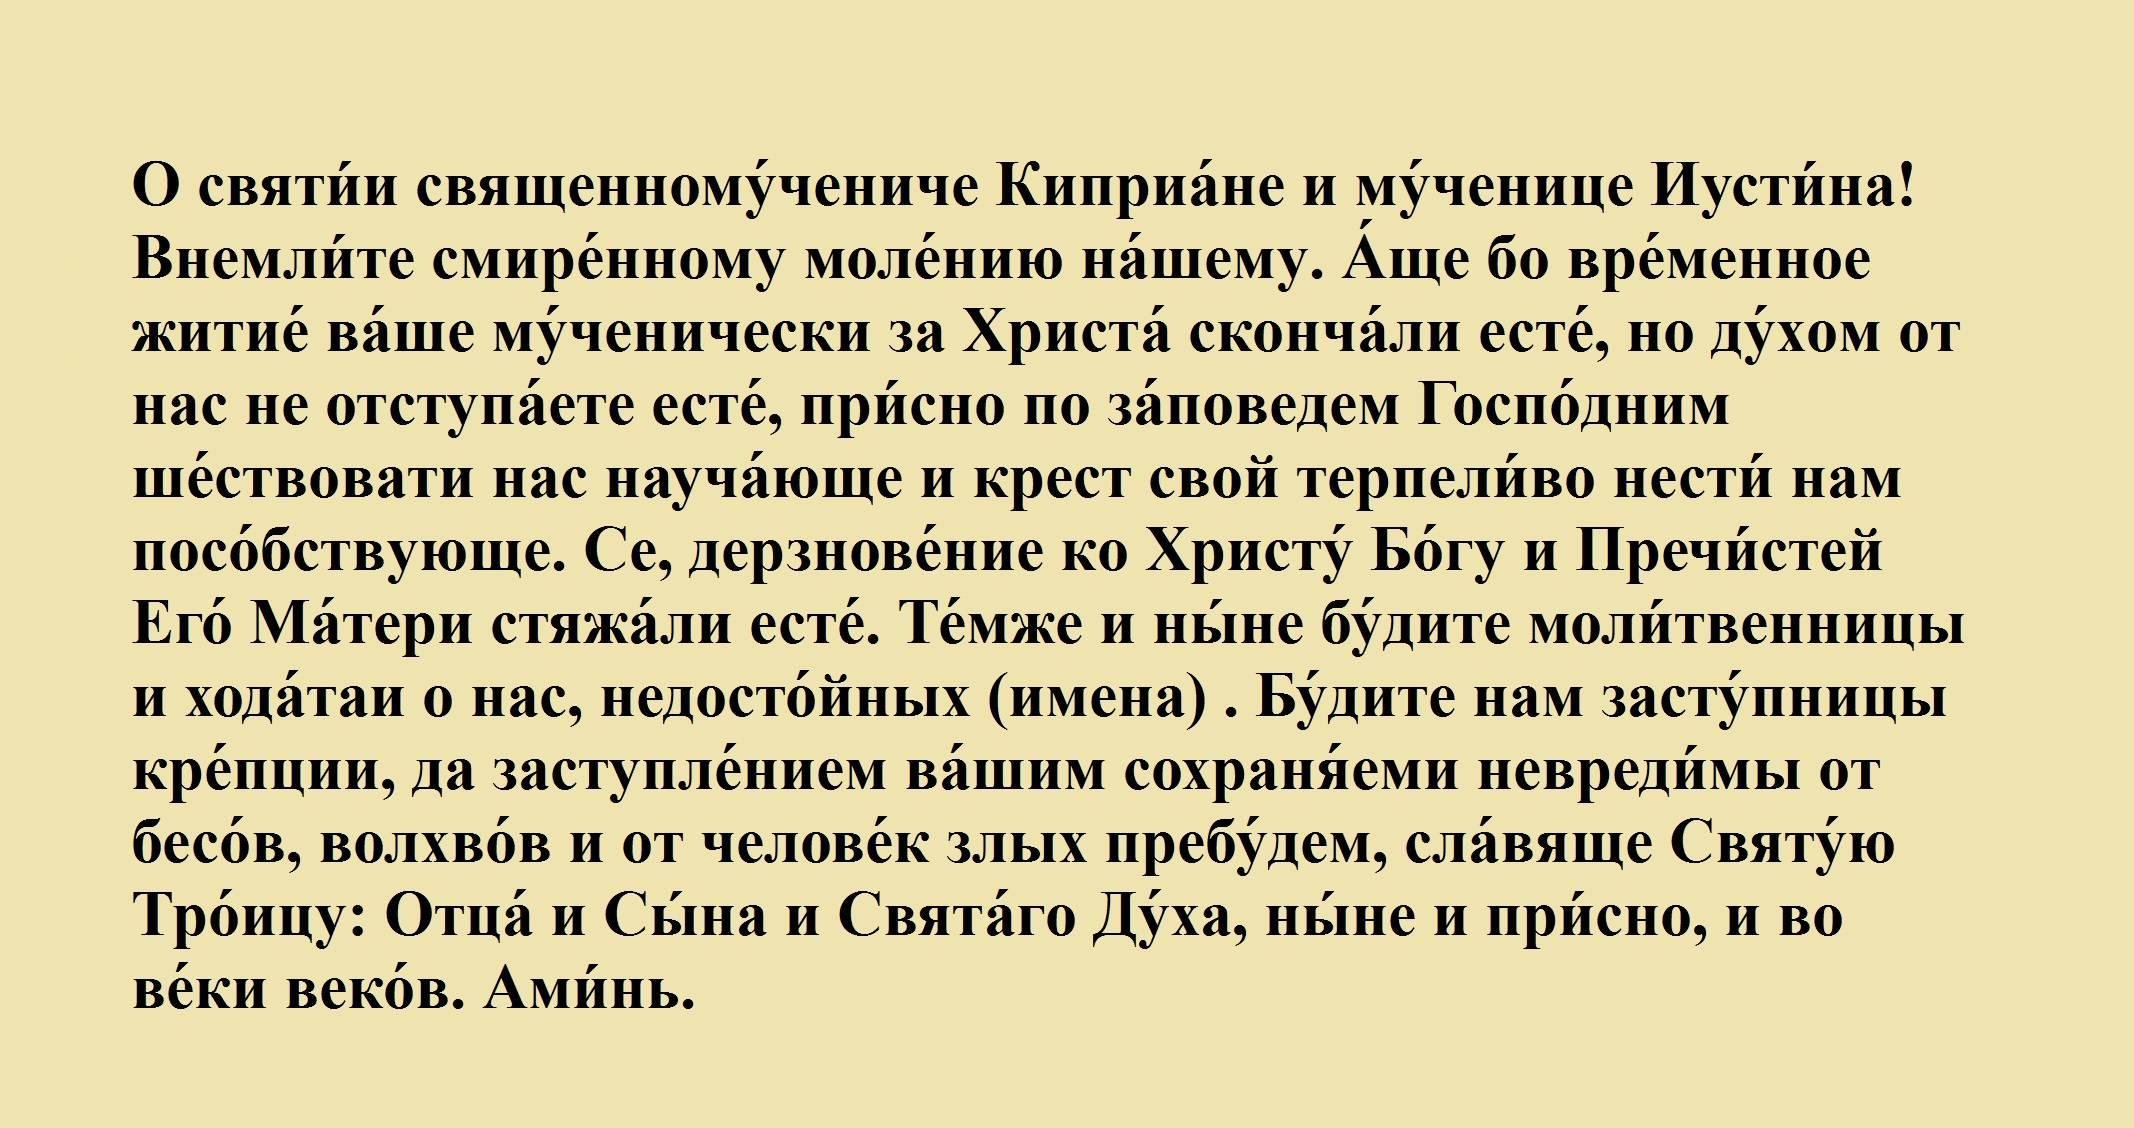 Молитва священномученика киприана отпорчи, черной зависти иколдовства